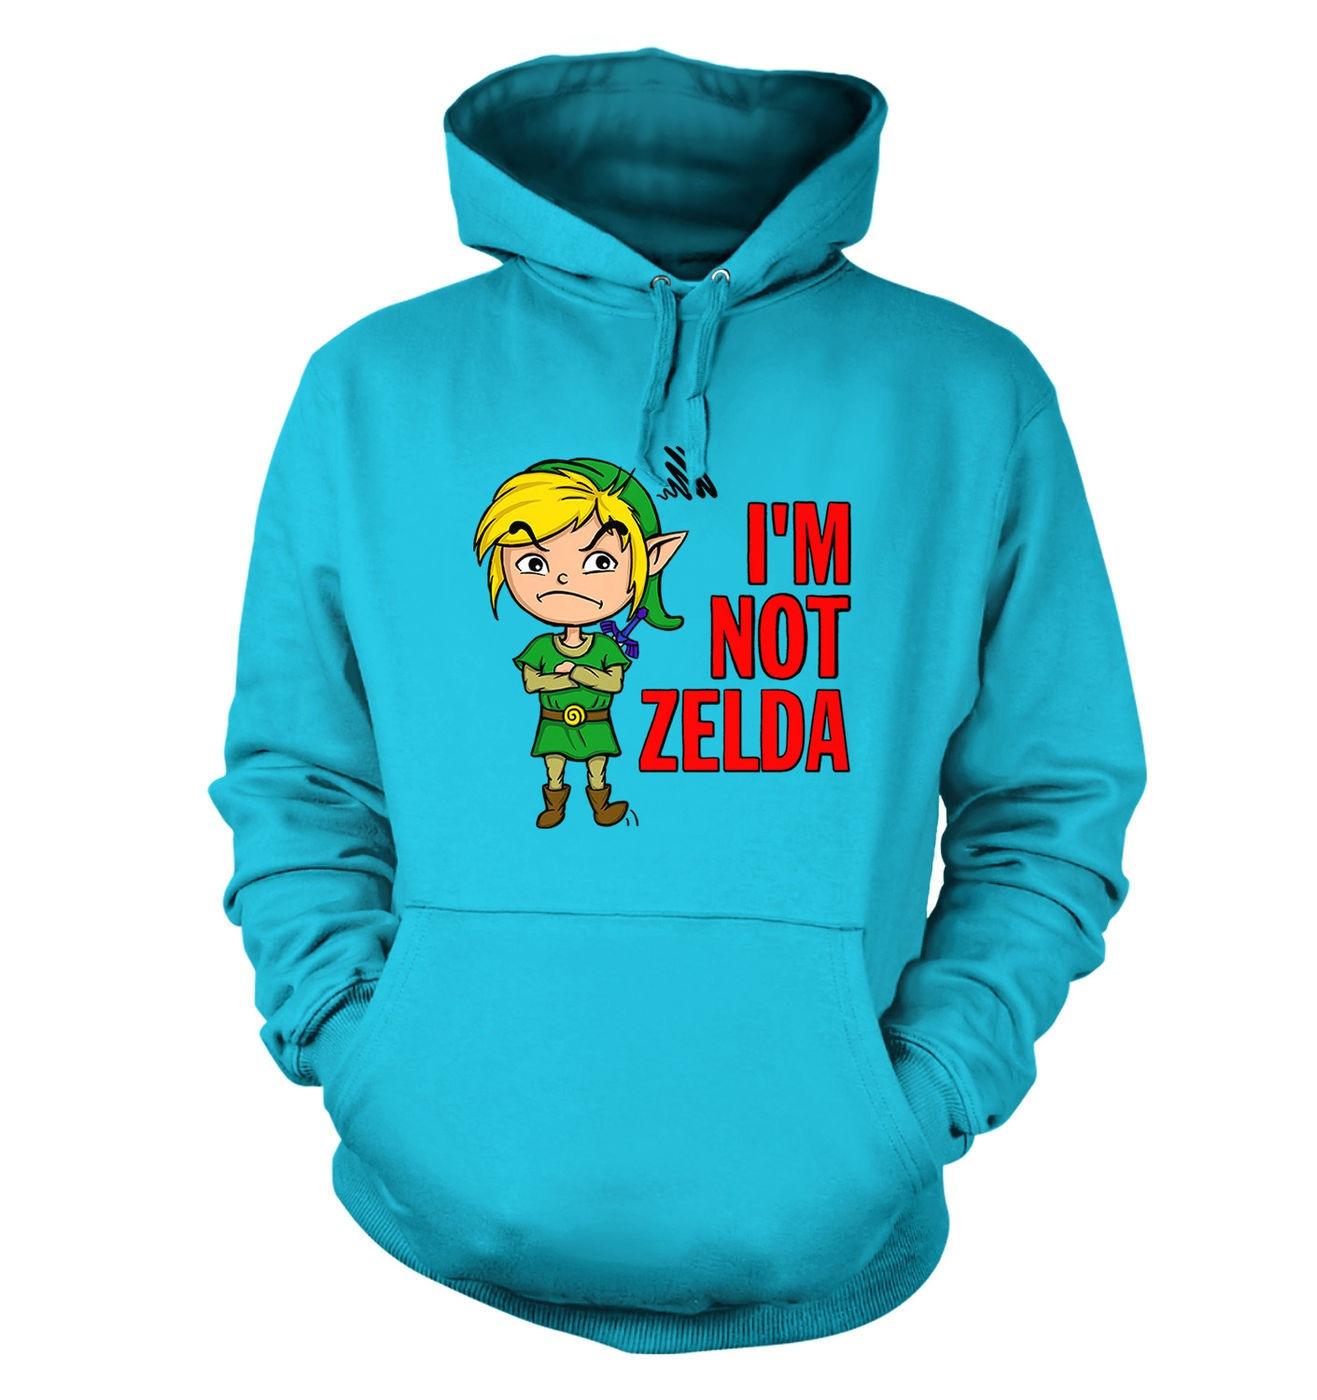 Not Zelda hoodie by Something Geeky